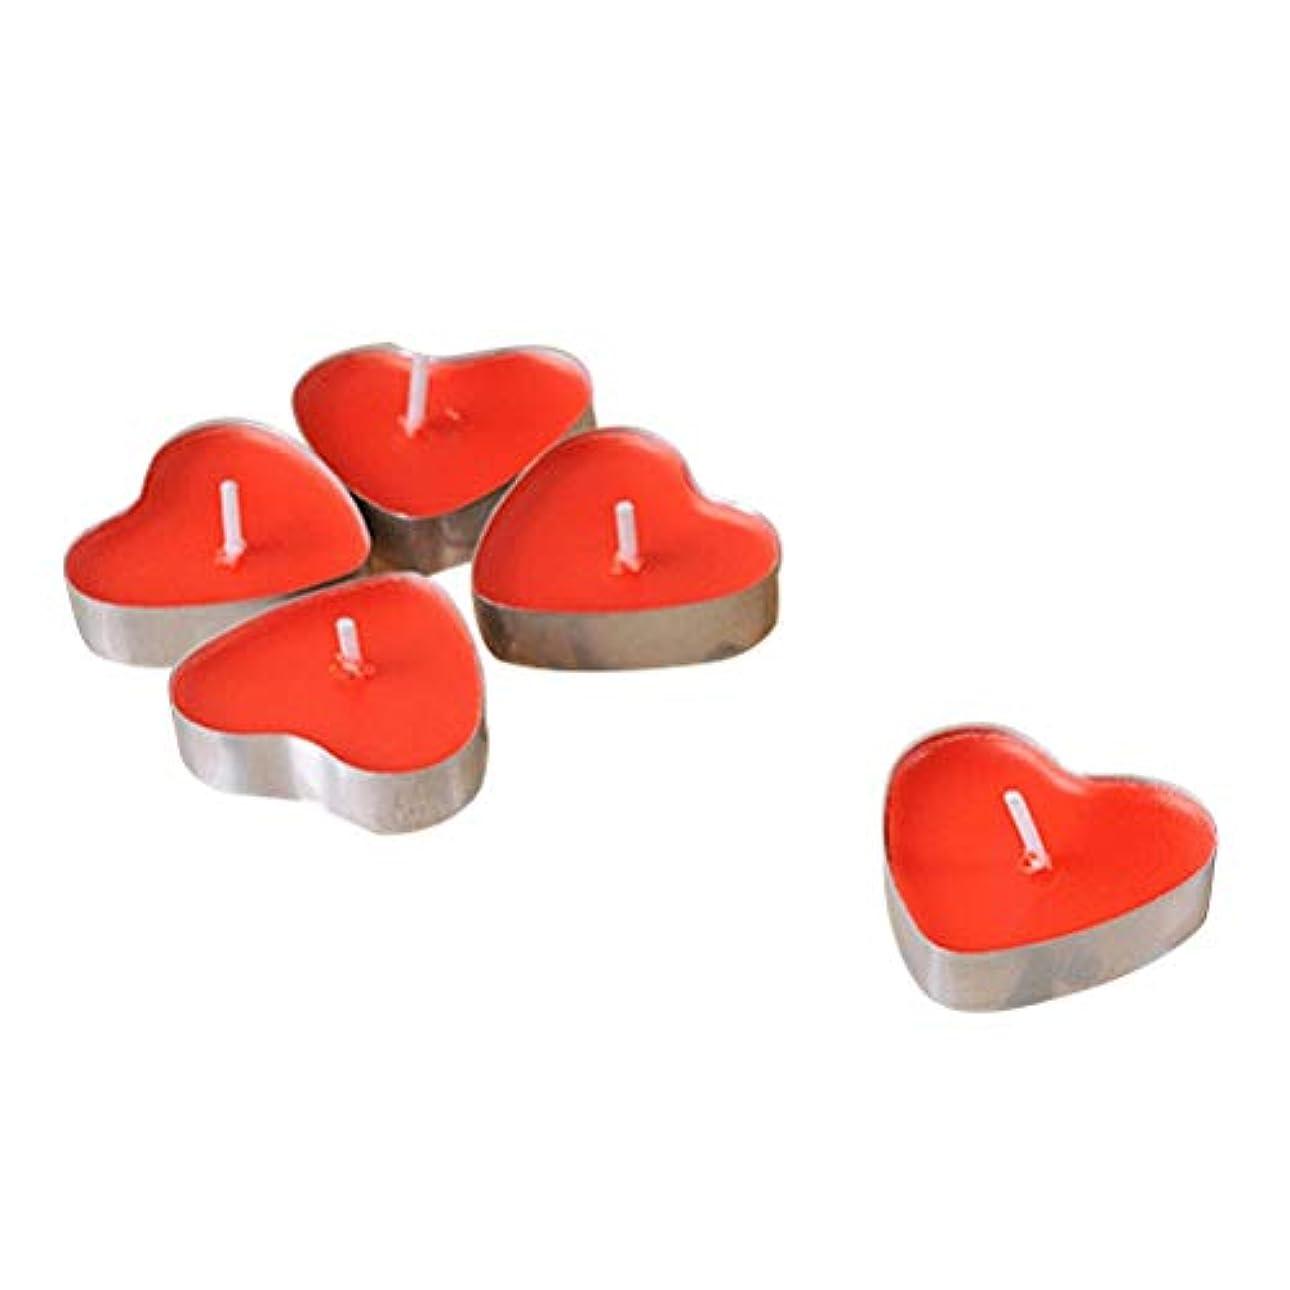 横たわるノイズ健康VORCOOL 50本禁煙ロマンチックな蝋燭の結婚提案ハート型のろうそくの蝋燭